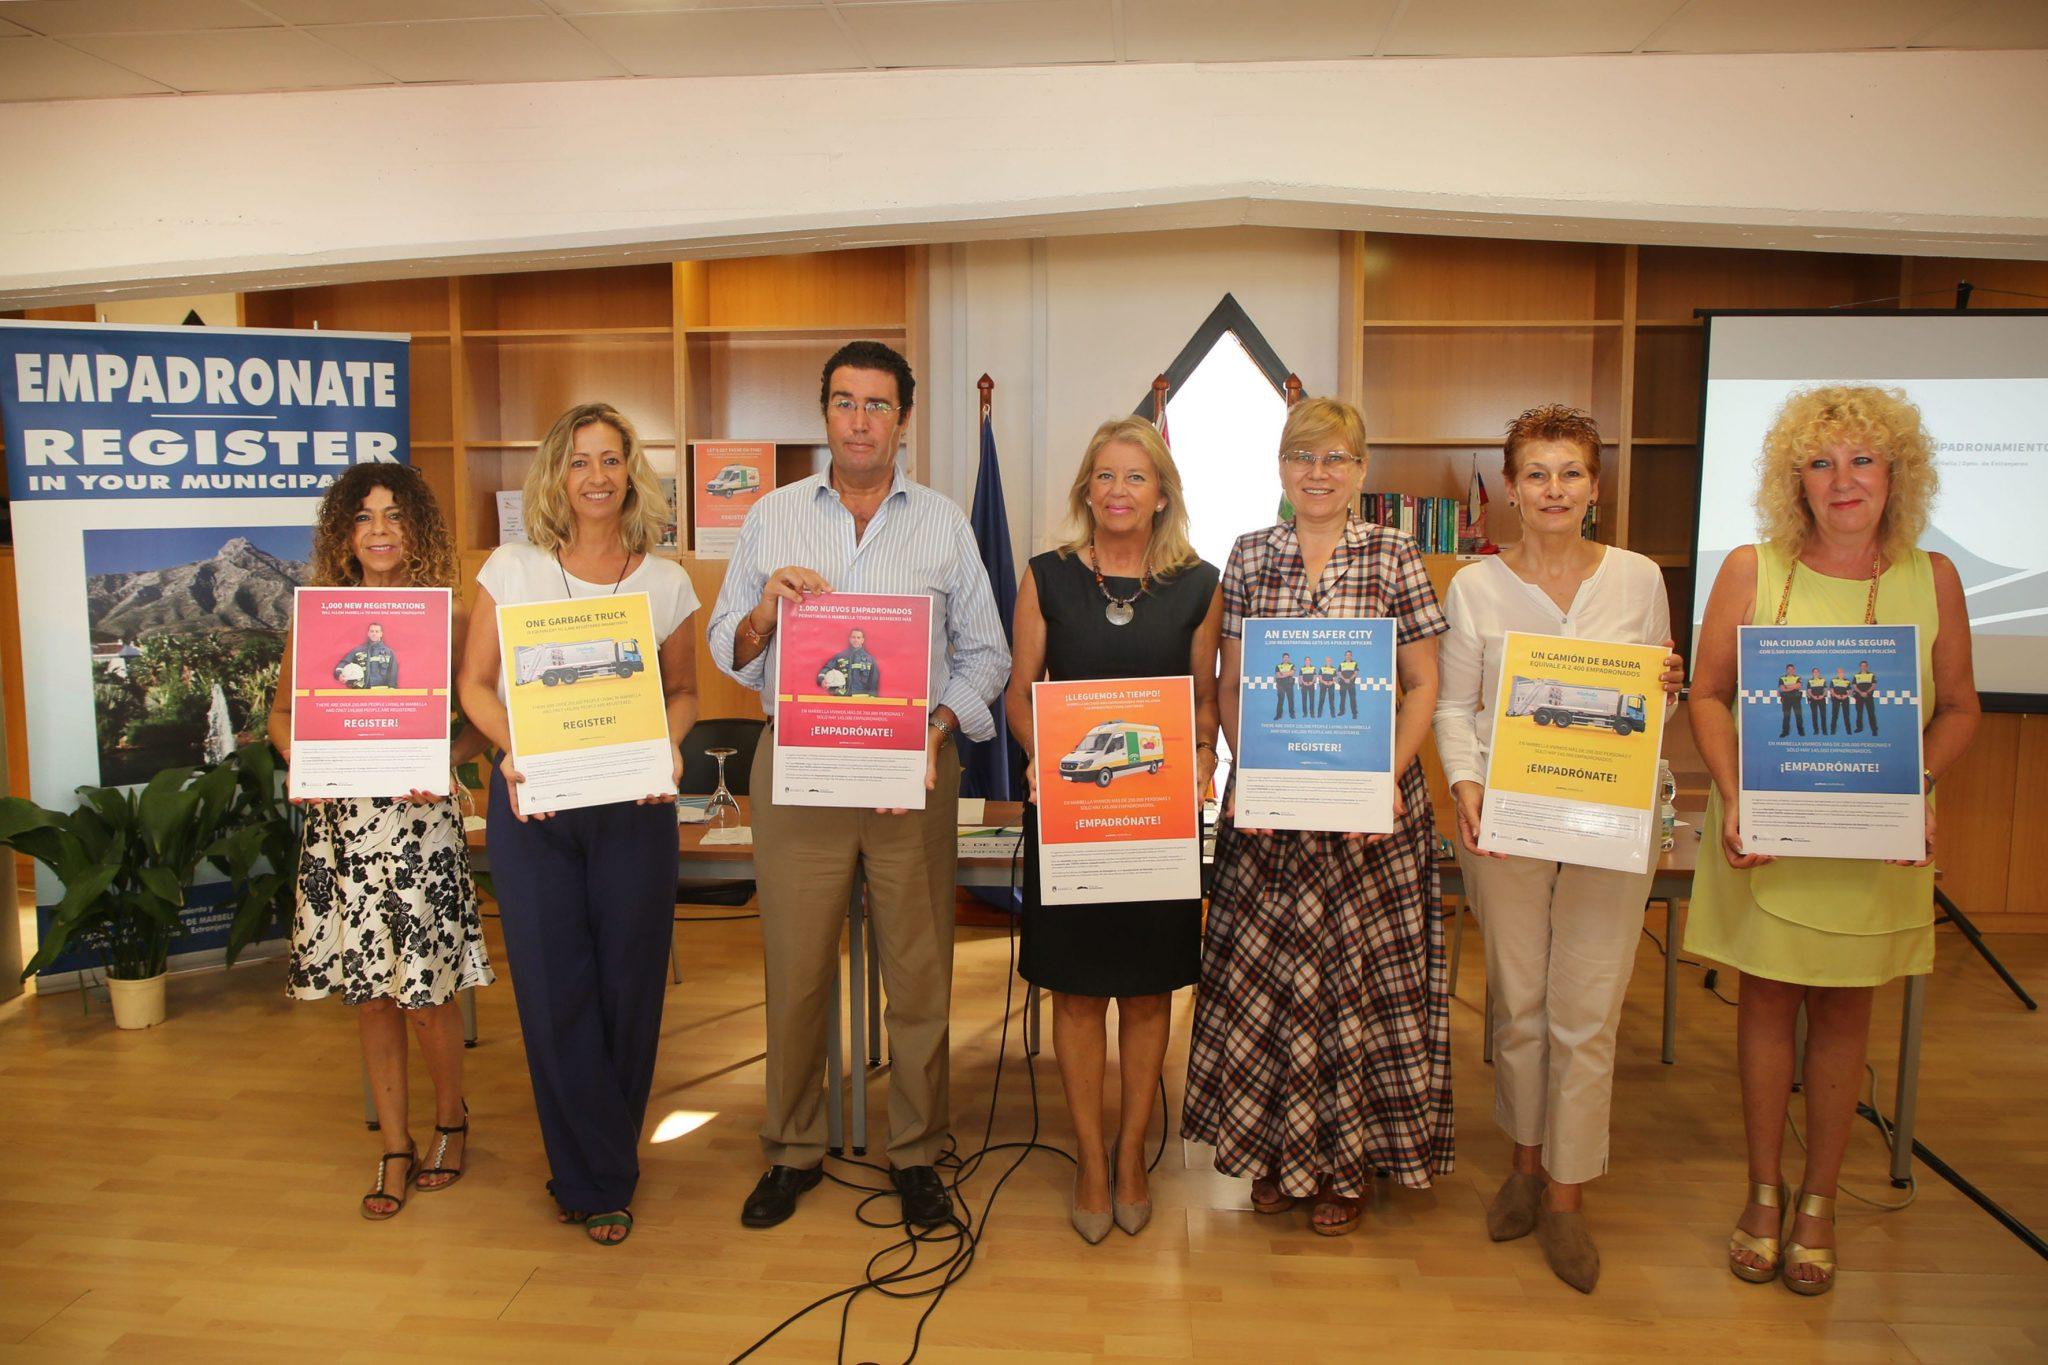 En marcha una campaña para concienciar sobre la importancia del empadronamiento para el municipio